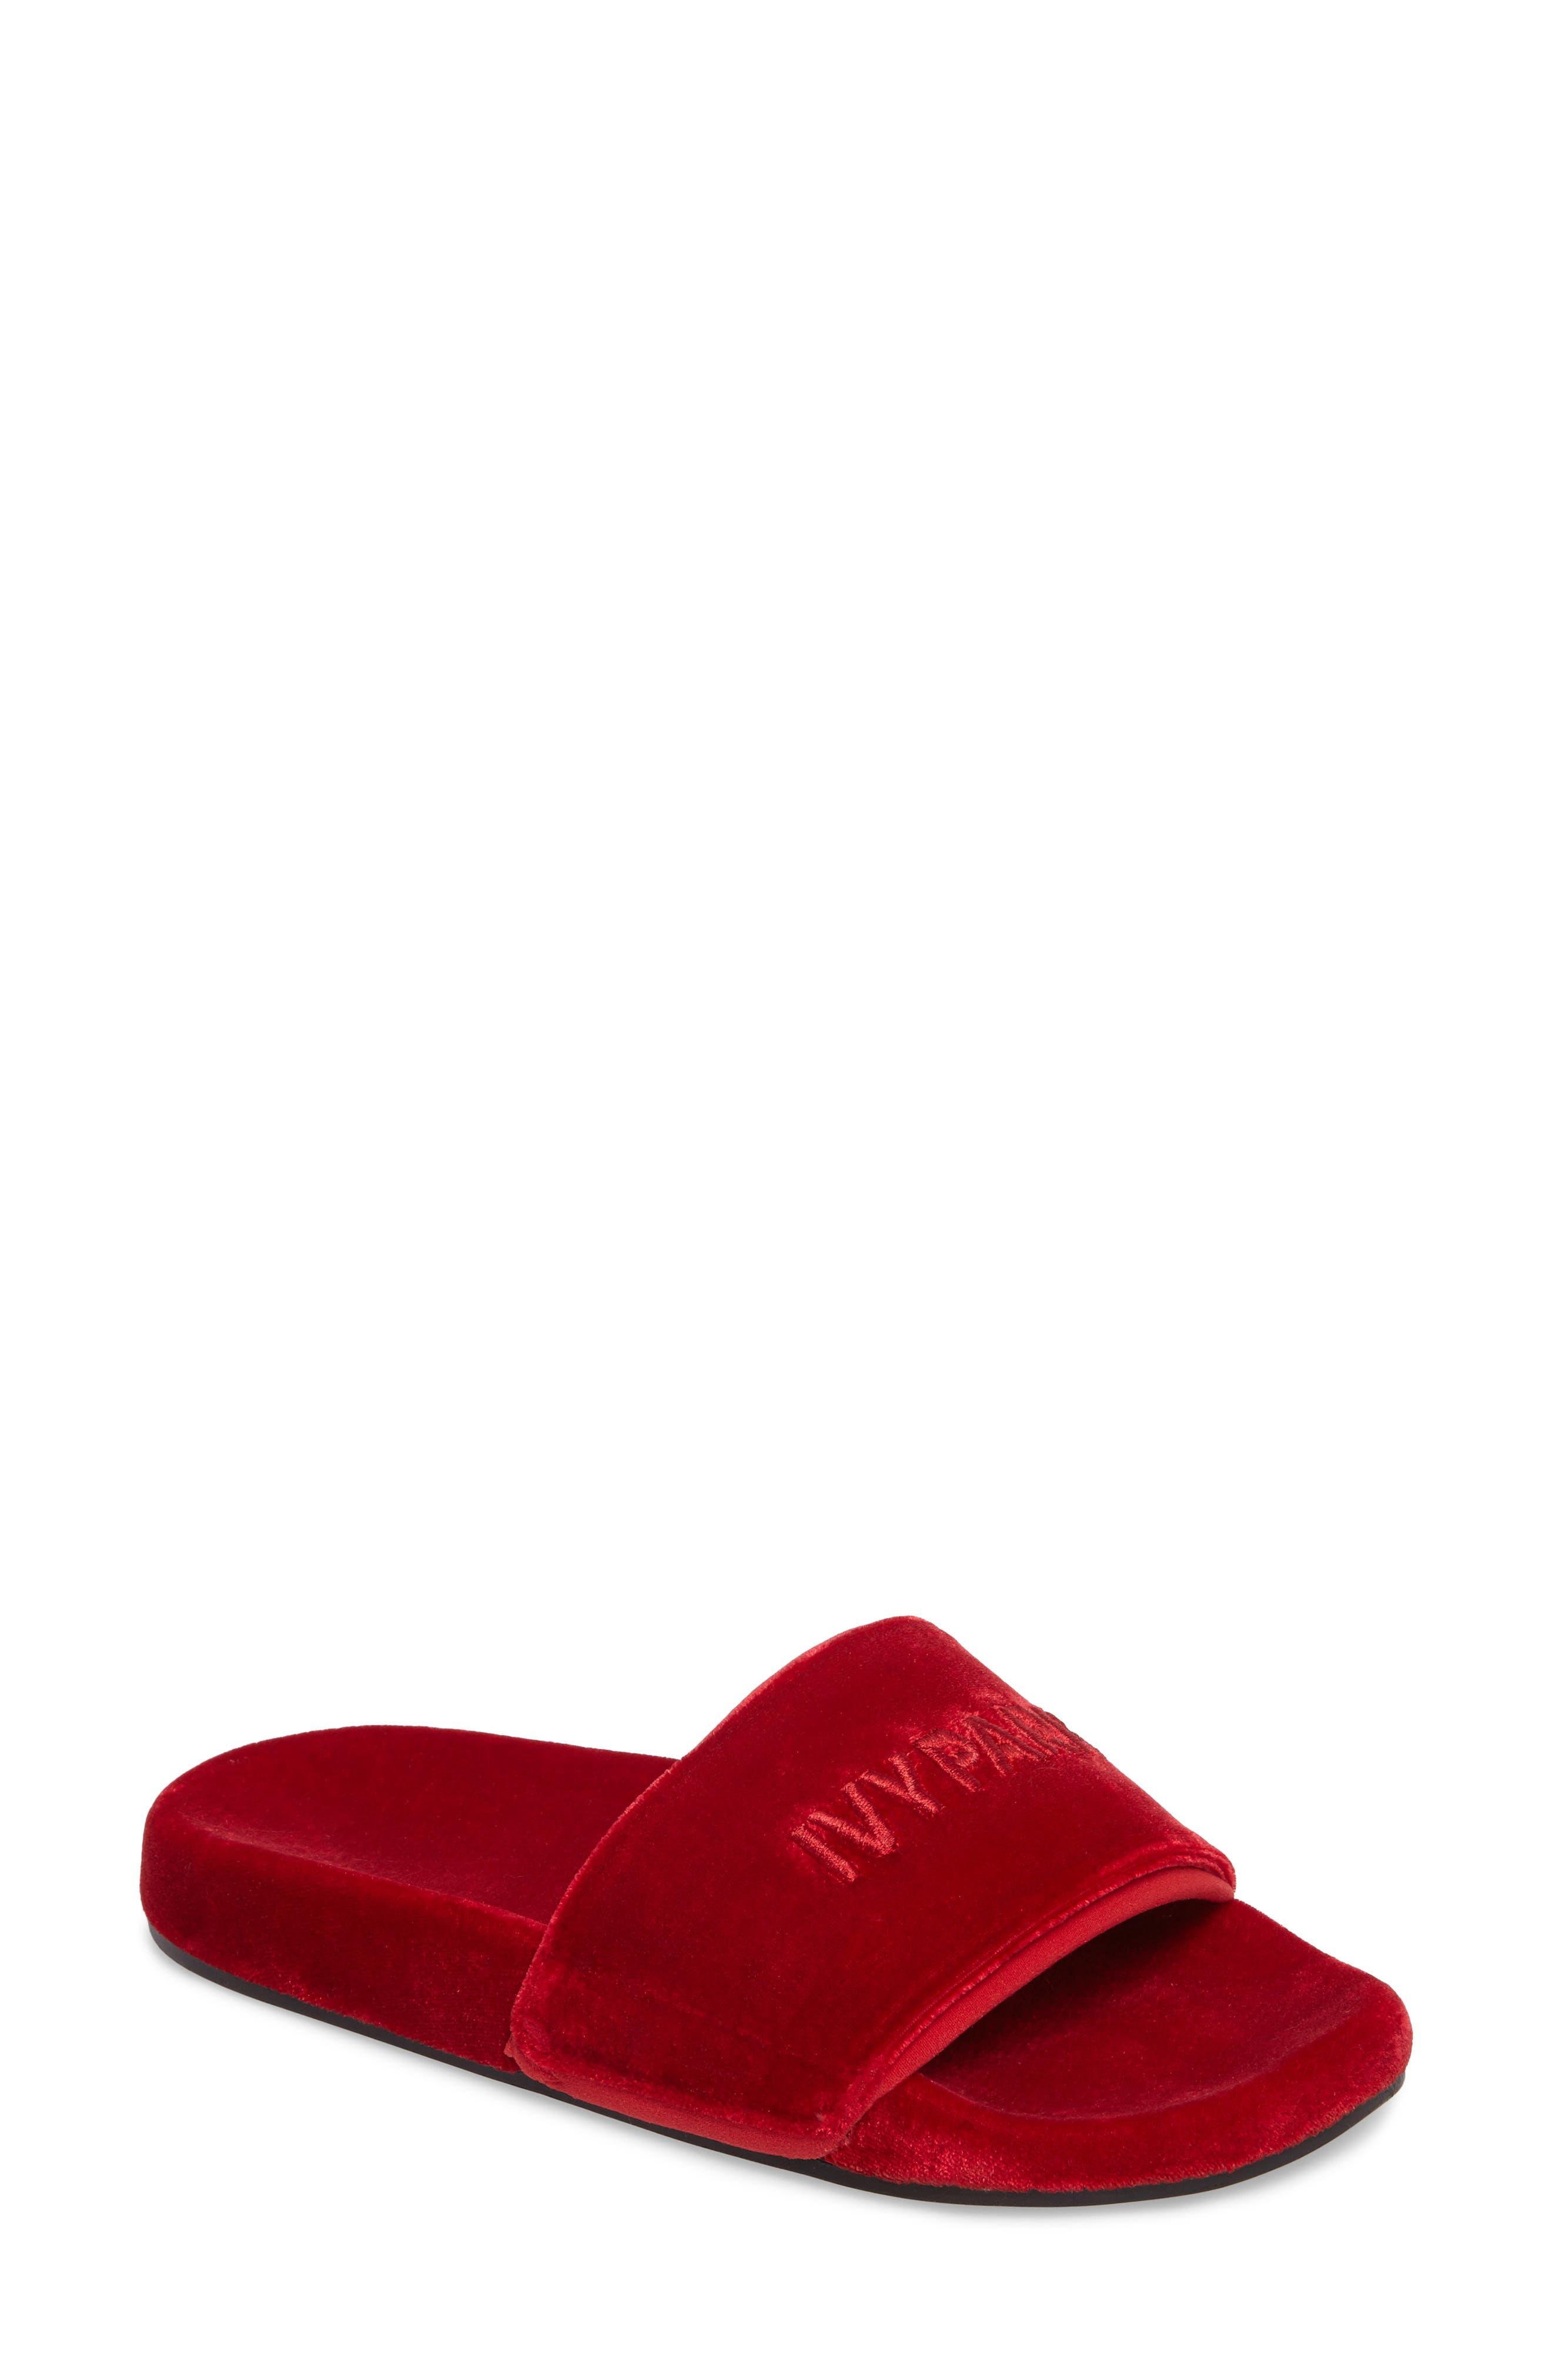 IVY PARK® Velvet Embossed Slide Sandal (Women)